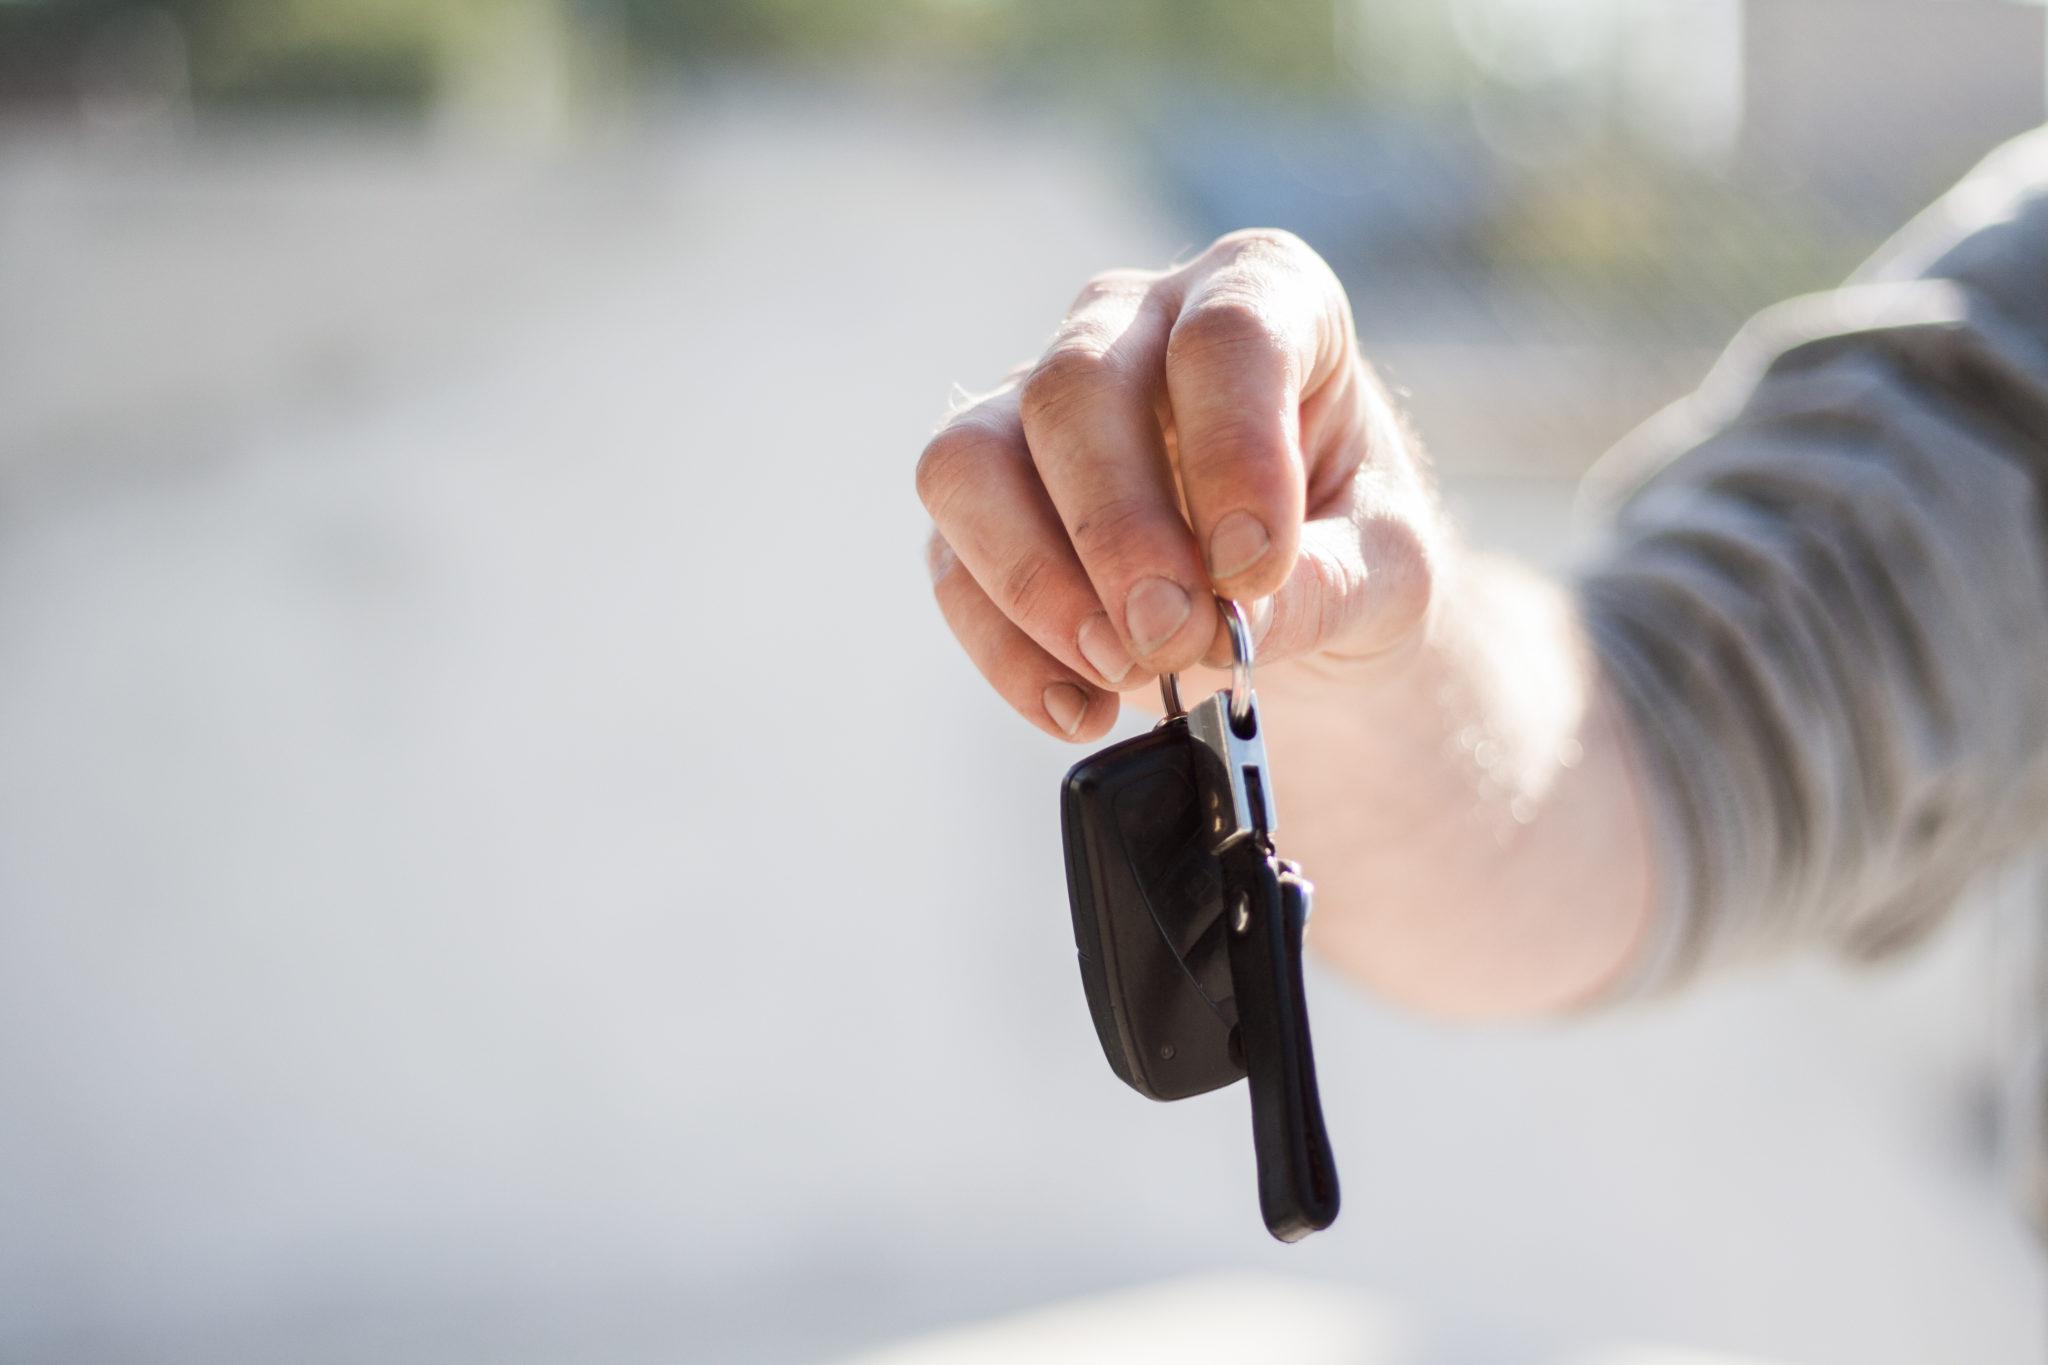 Vem köper begagnade bilar